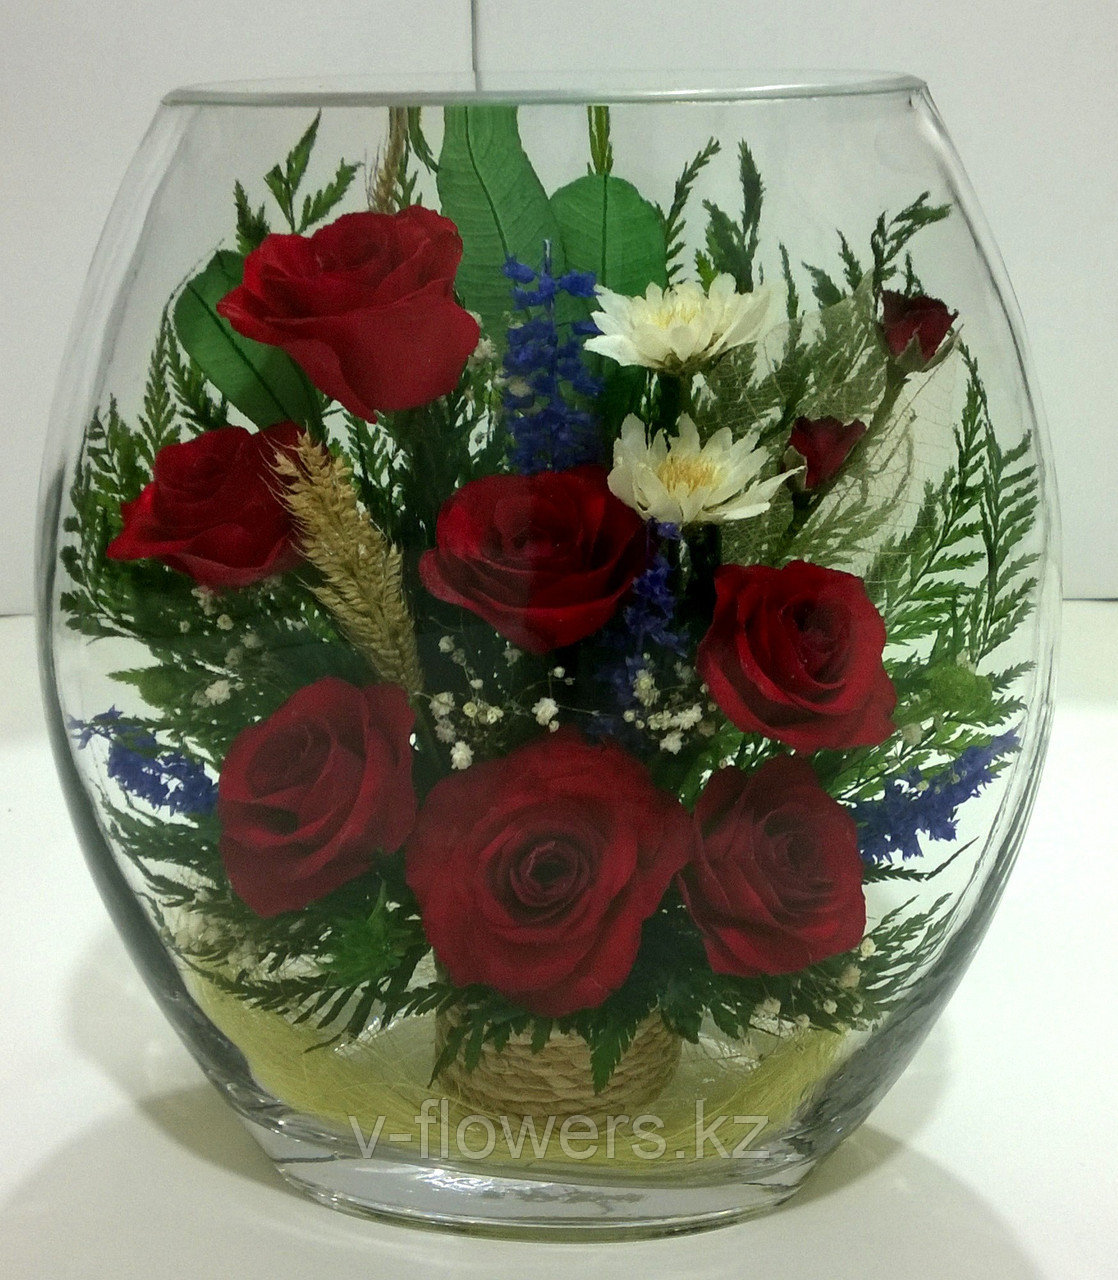 Живые цветы в стекле ERR-01